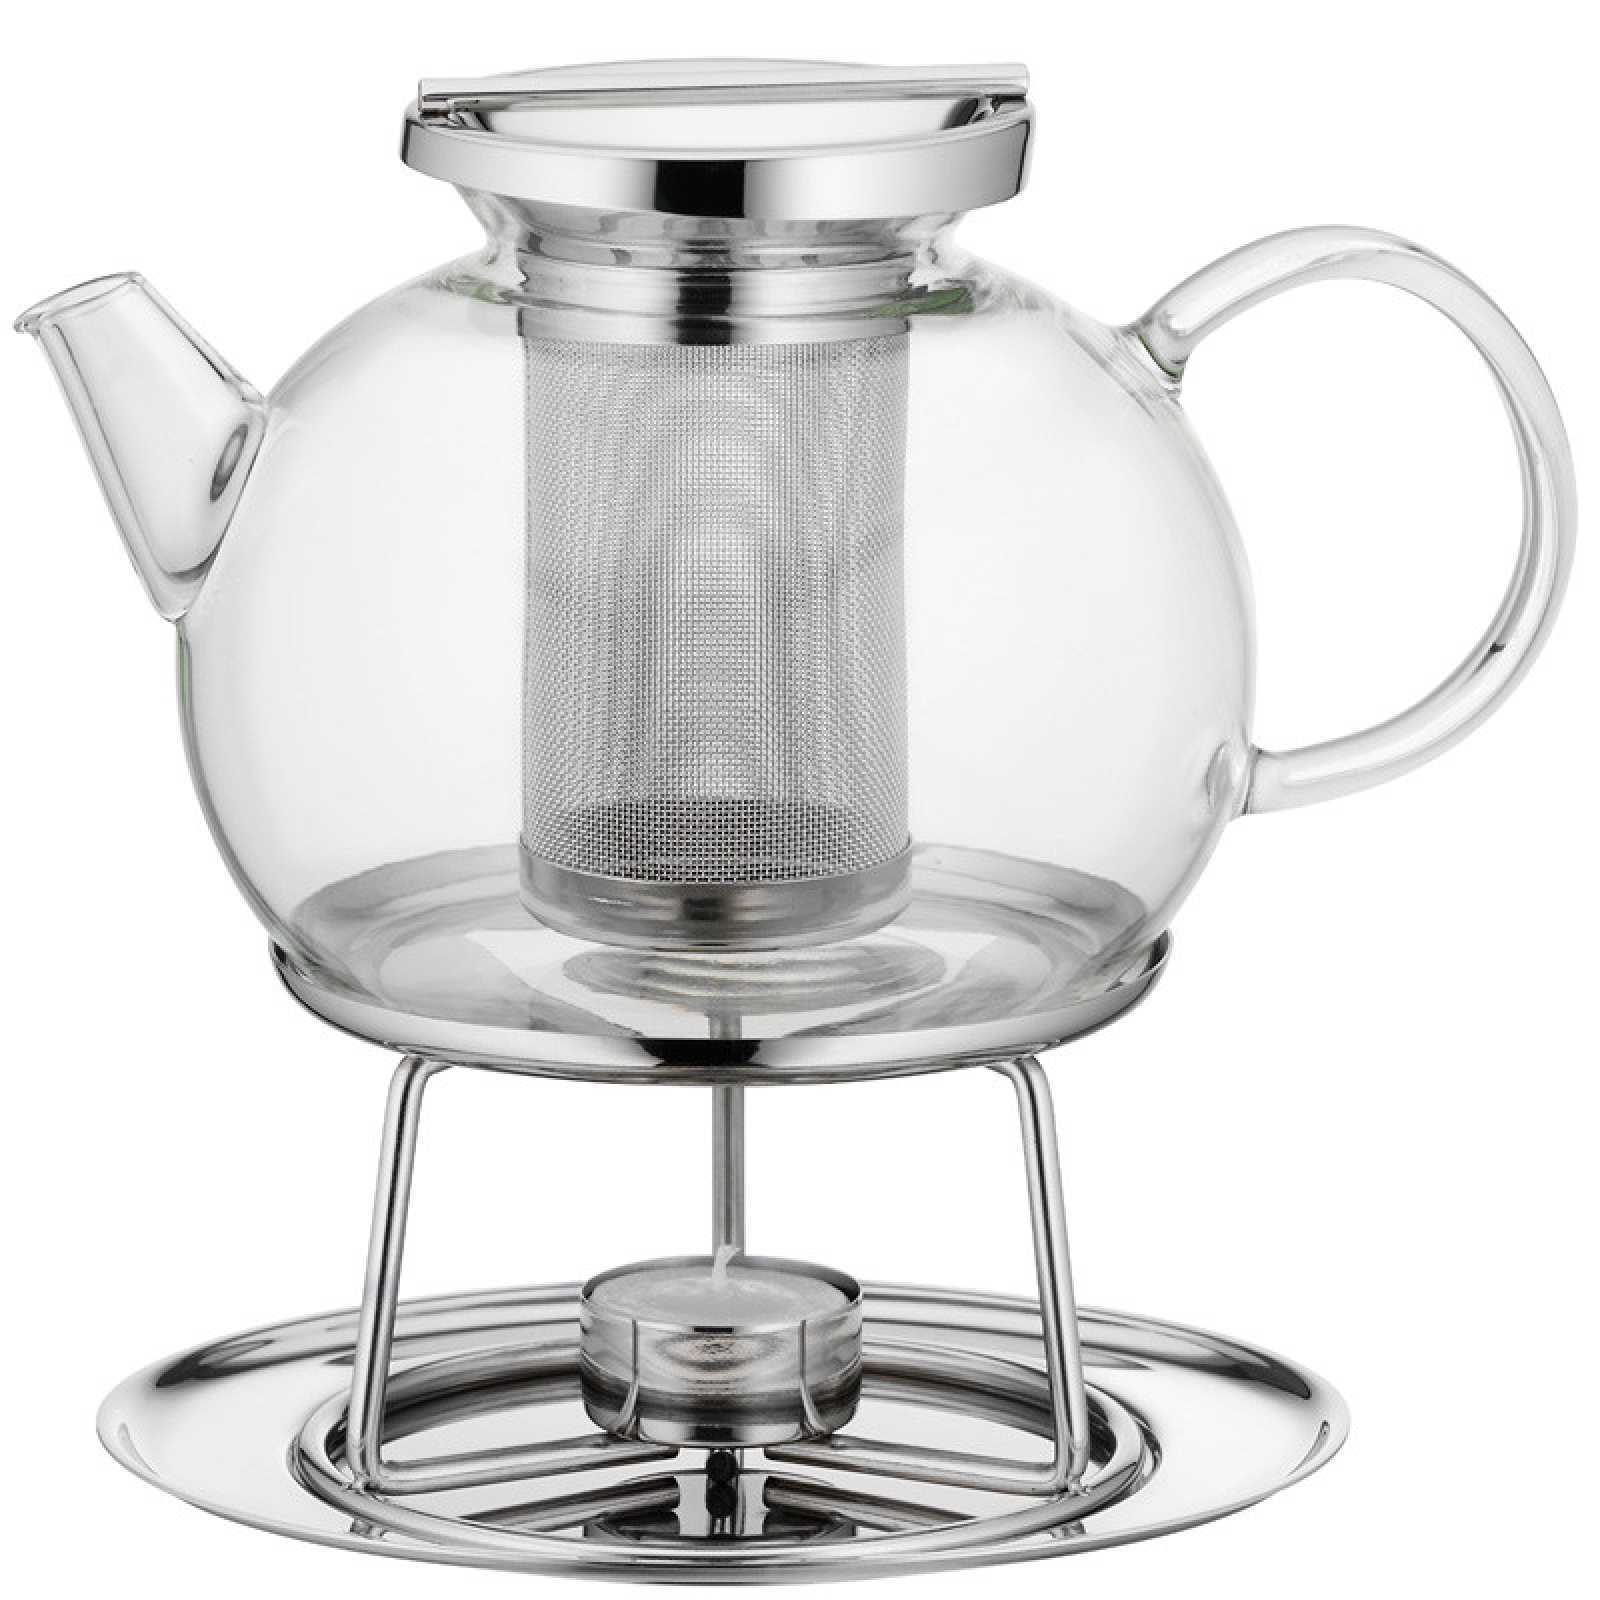 Чайник заварочный с подогревом WMF, объем 0,75 л, прозрачный WMF 06 3080 6040 фото 0